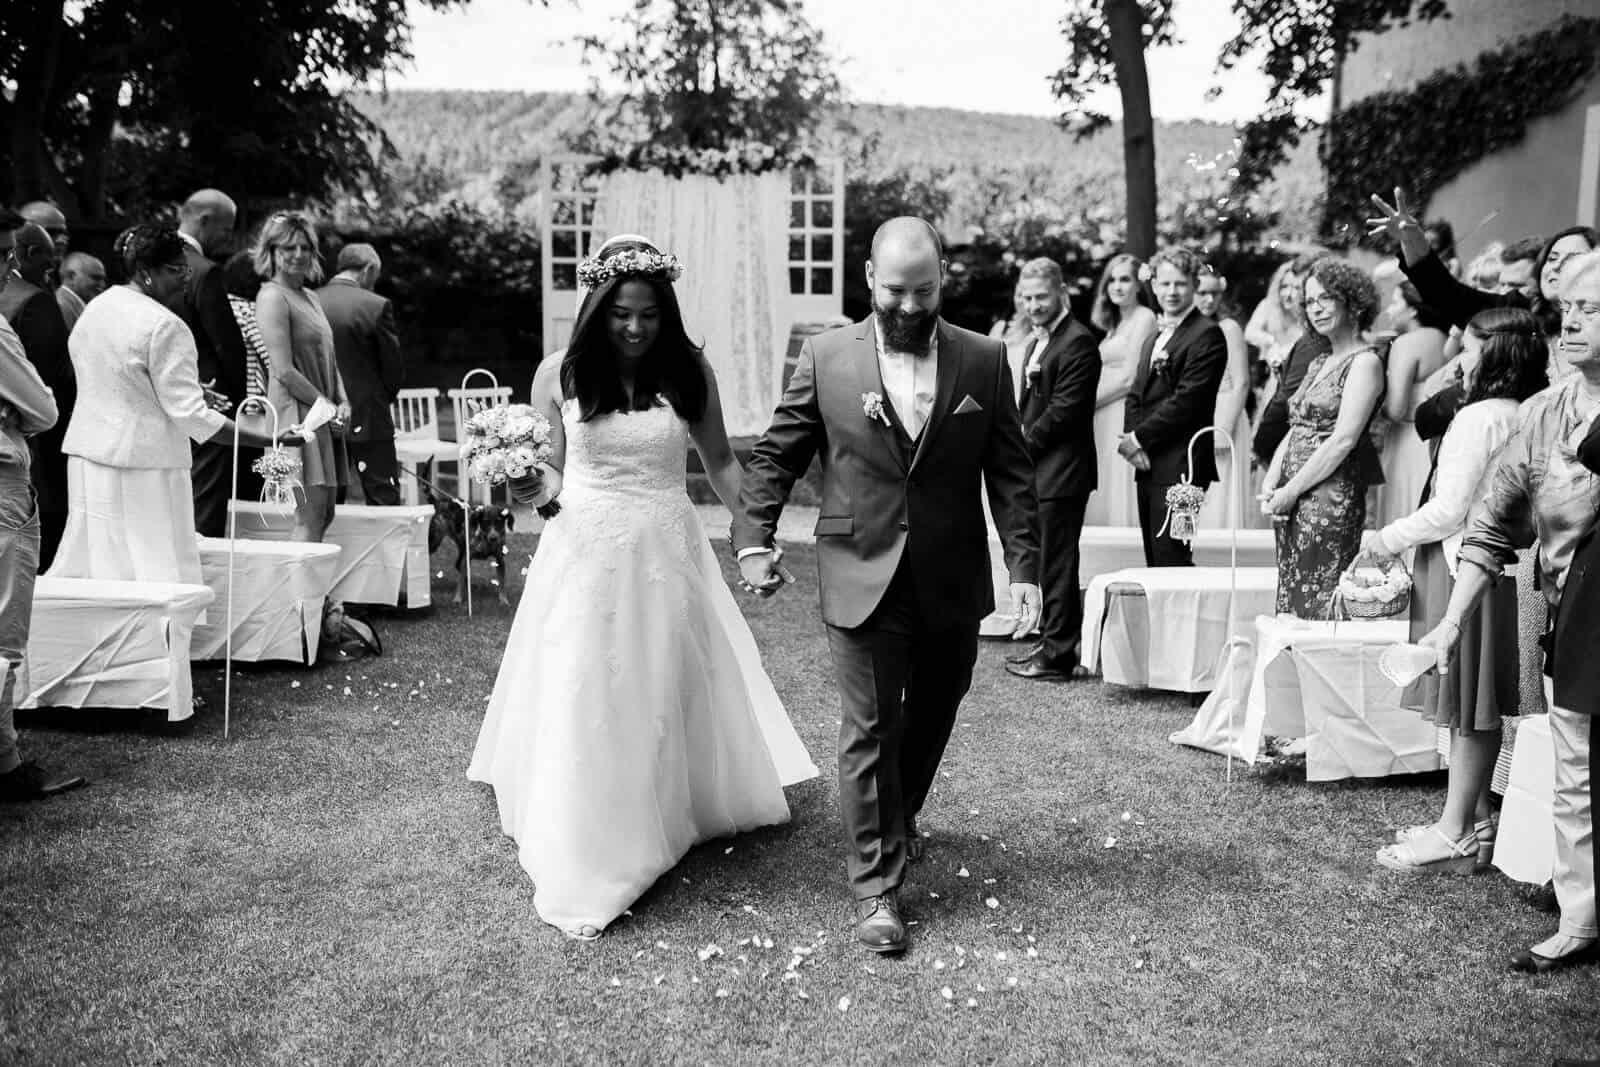 Das Brautpaar zieht aus der freien Trauung in Deidesheim au und alle Gäste jubeln dem Brautpaar zu